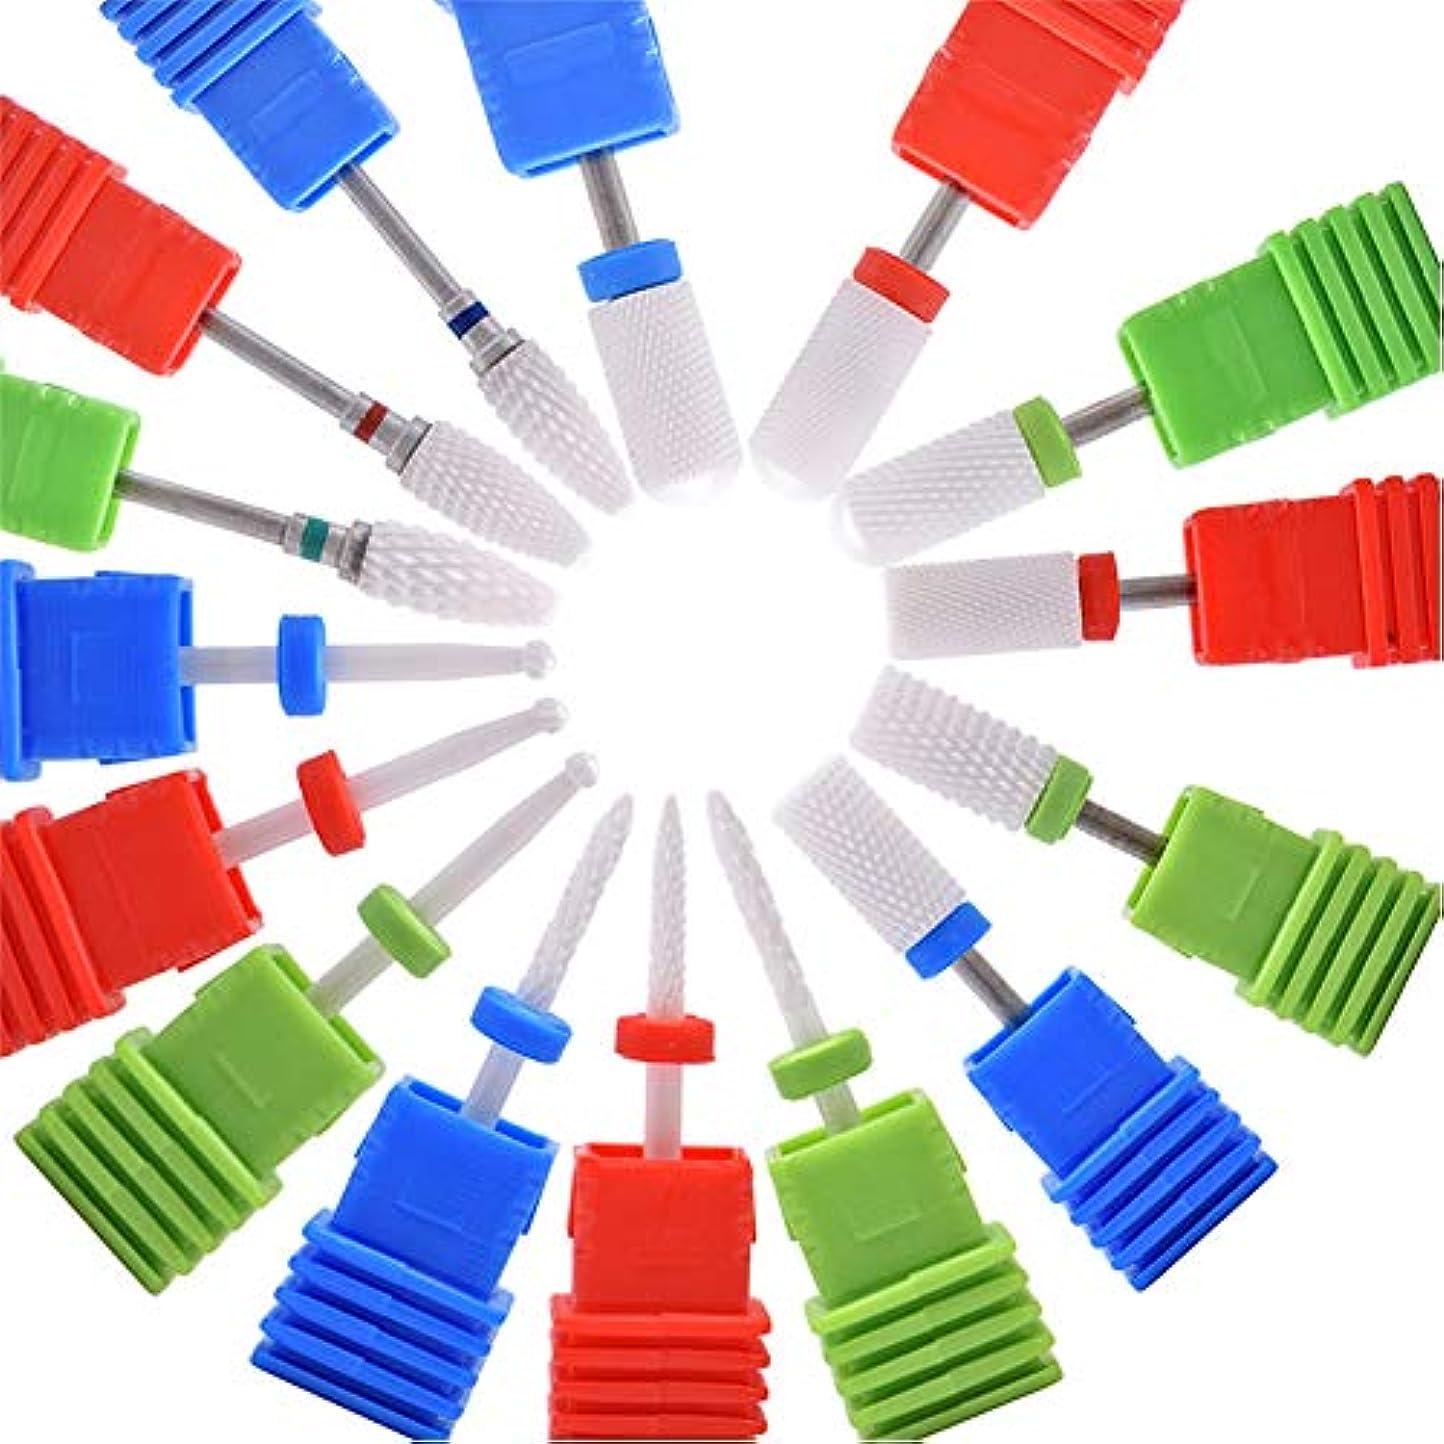 命令廊下従事するOral Dentistry ネイルアート ドリルビット 研削ヘッド 研磨ヘッド ネイル グラインド ヘッド 爪 磨き 研磨 研削 セラミック 全3色 15種類